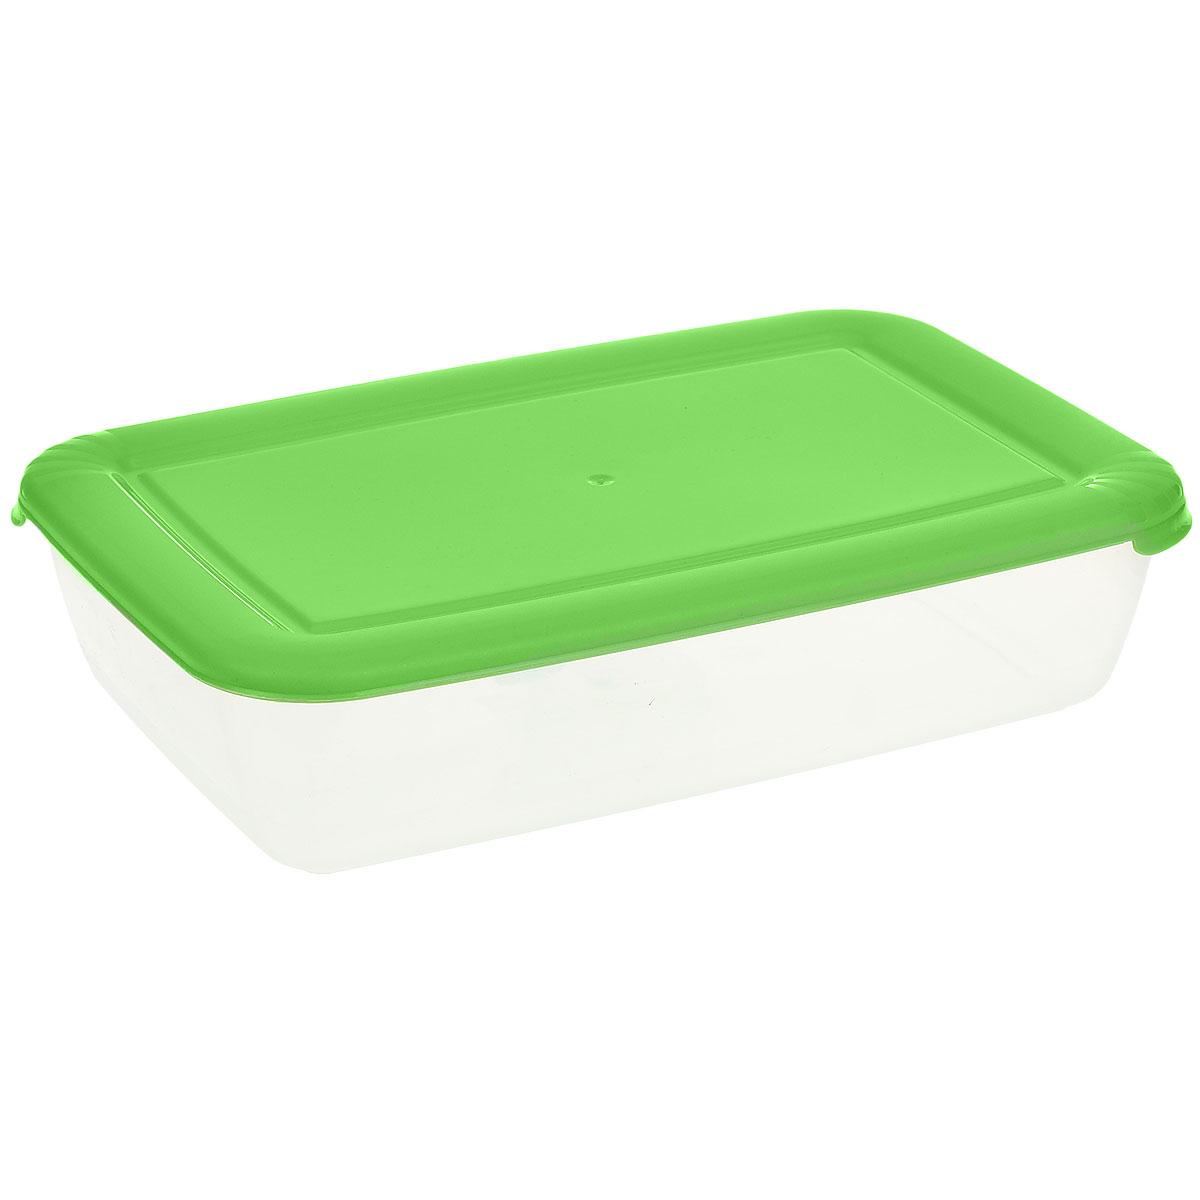 Контейнер Полимербыт Лайт, цвет: прозрачный, салатовый, 1,9 лС553_салатовыйКонтейнер Полимербыт Лайт прямоугольной формы, изготовленный из прочного пластика, предназначен специально для хранения пищевых продуктов. Крышка легко открывается и плотно закрывается. Контейнер устойчив к воздействию масел и жиров, легко моется. Прозрачные стенки позволяют видеть содержимое. Контейнер имеет возможность хранения продуктов глубокой заморозки, обладает высокой прочностью. Можно мыть в посудомоечной машине. Подходит для использования в микроволновых печах.